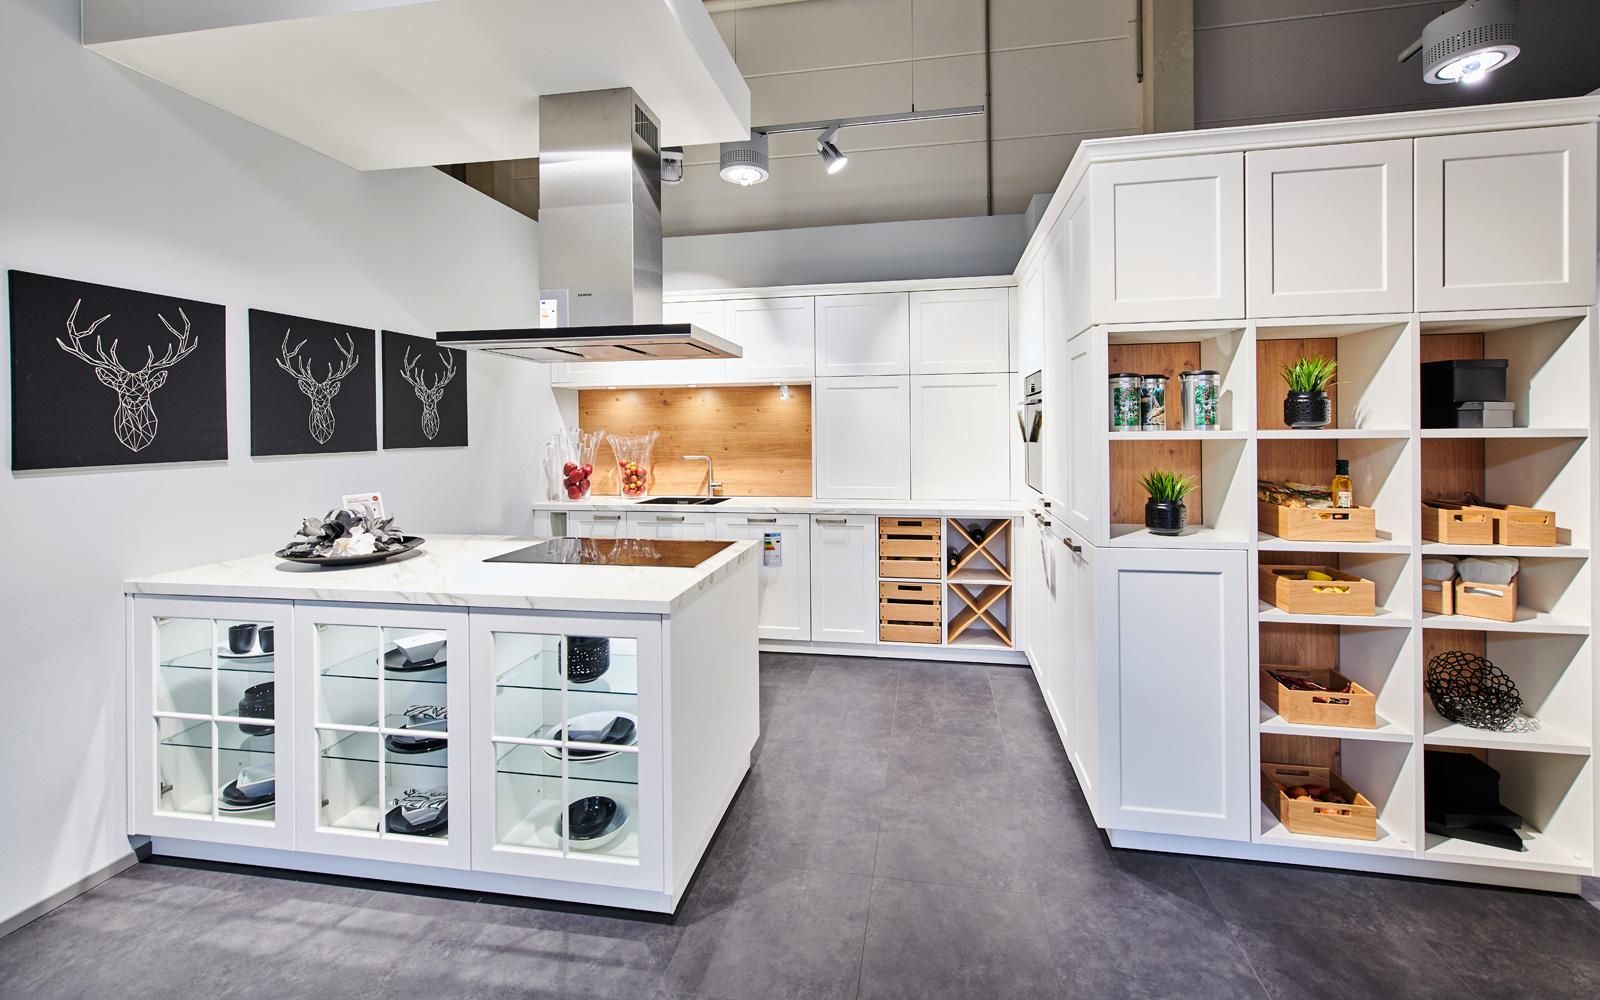 Die moderne Landhausküche